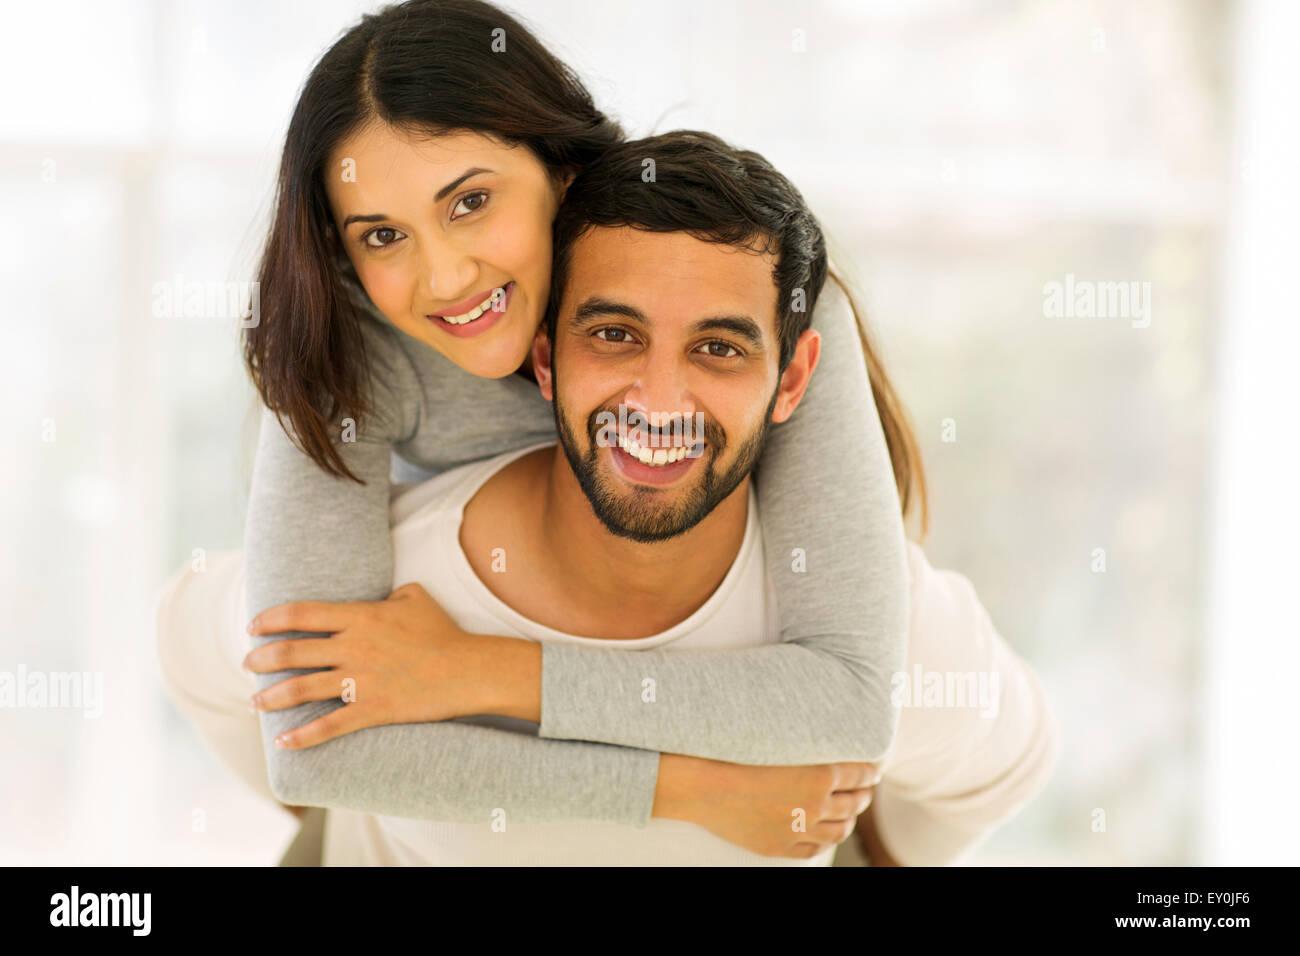 Felice giovani indiani giovane divertendosi con piggyback per interni Immagini Stock